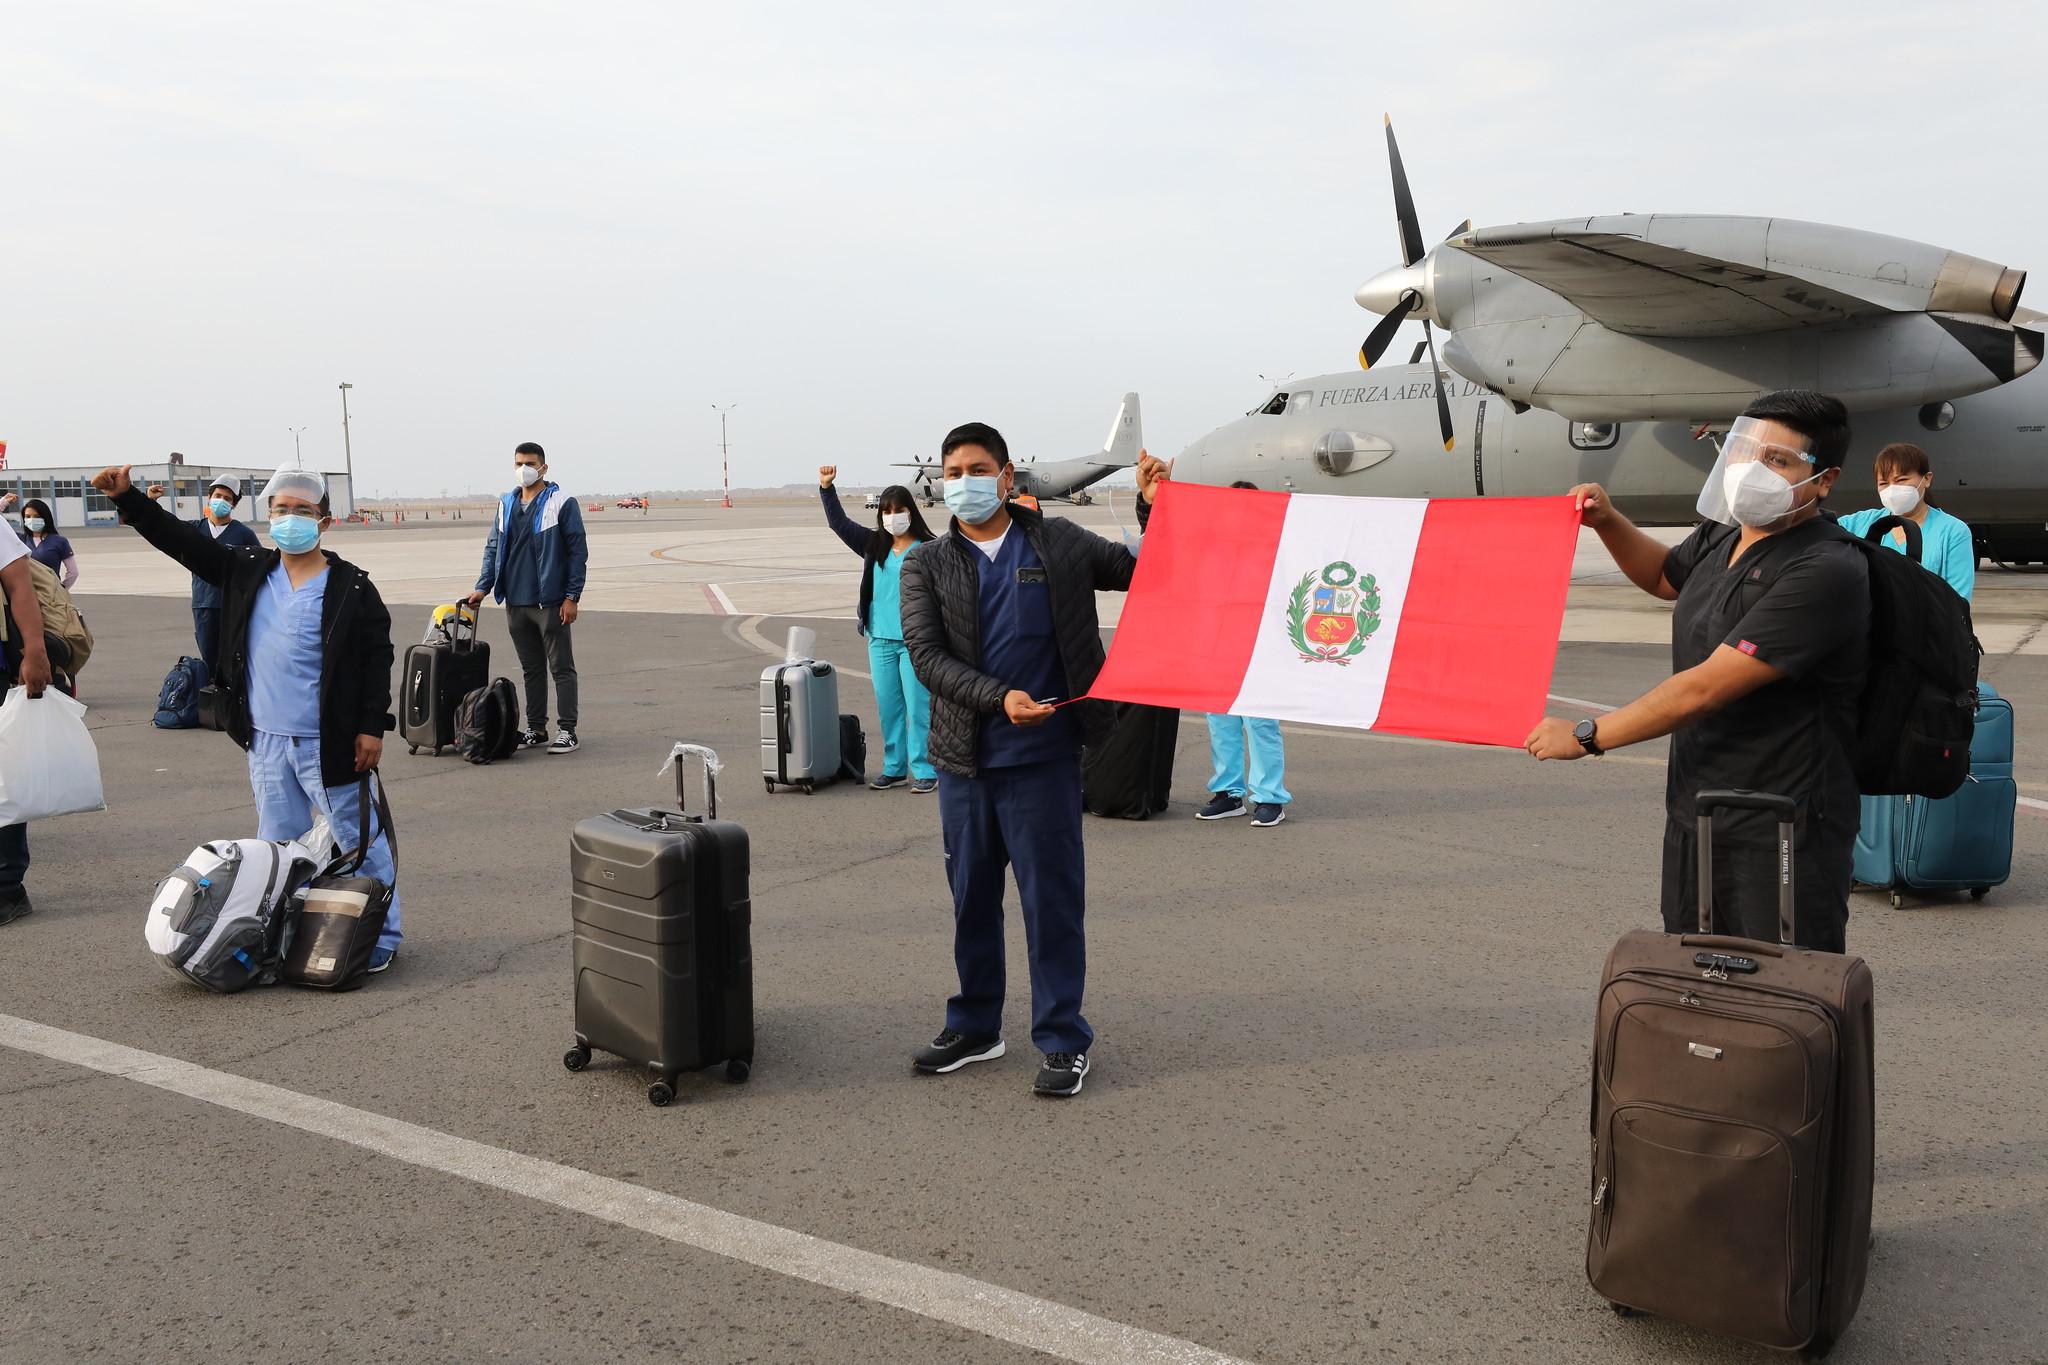 Essalud - EsSalud envía a Huánuco y Loreto brigadas médicas, equipos de protección personal, medicamentos e implementos para reforzar atención de pacientes Covid-19